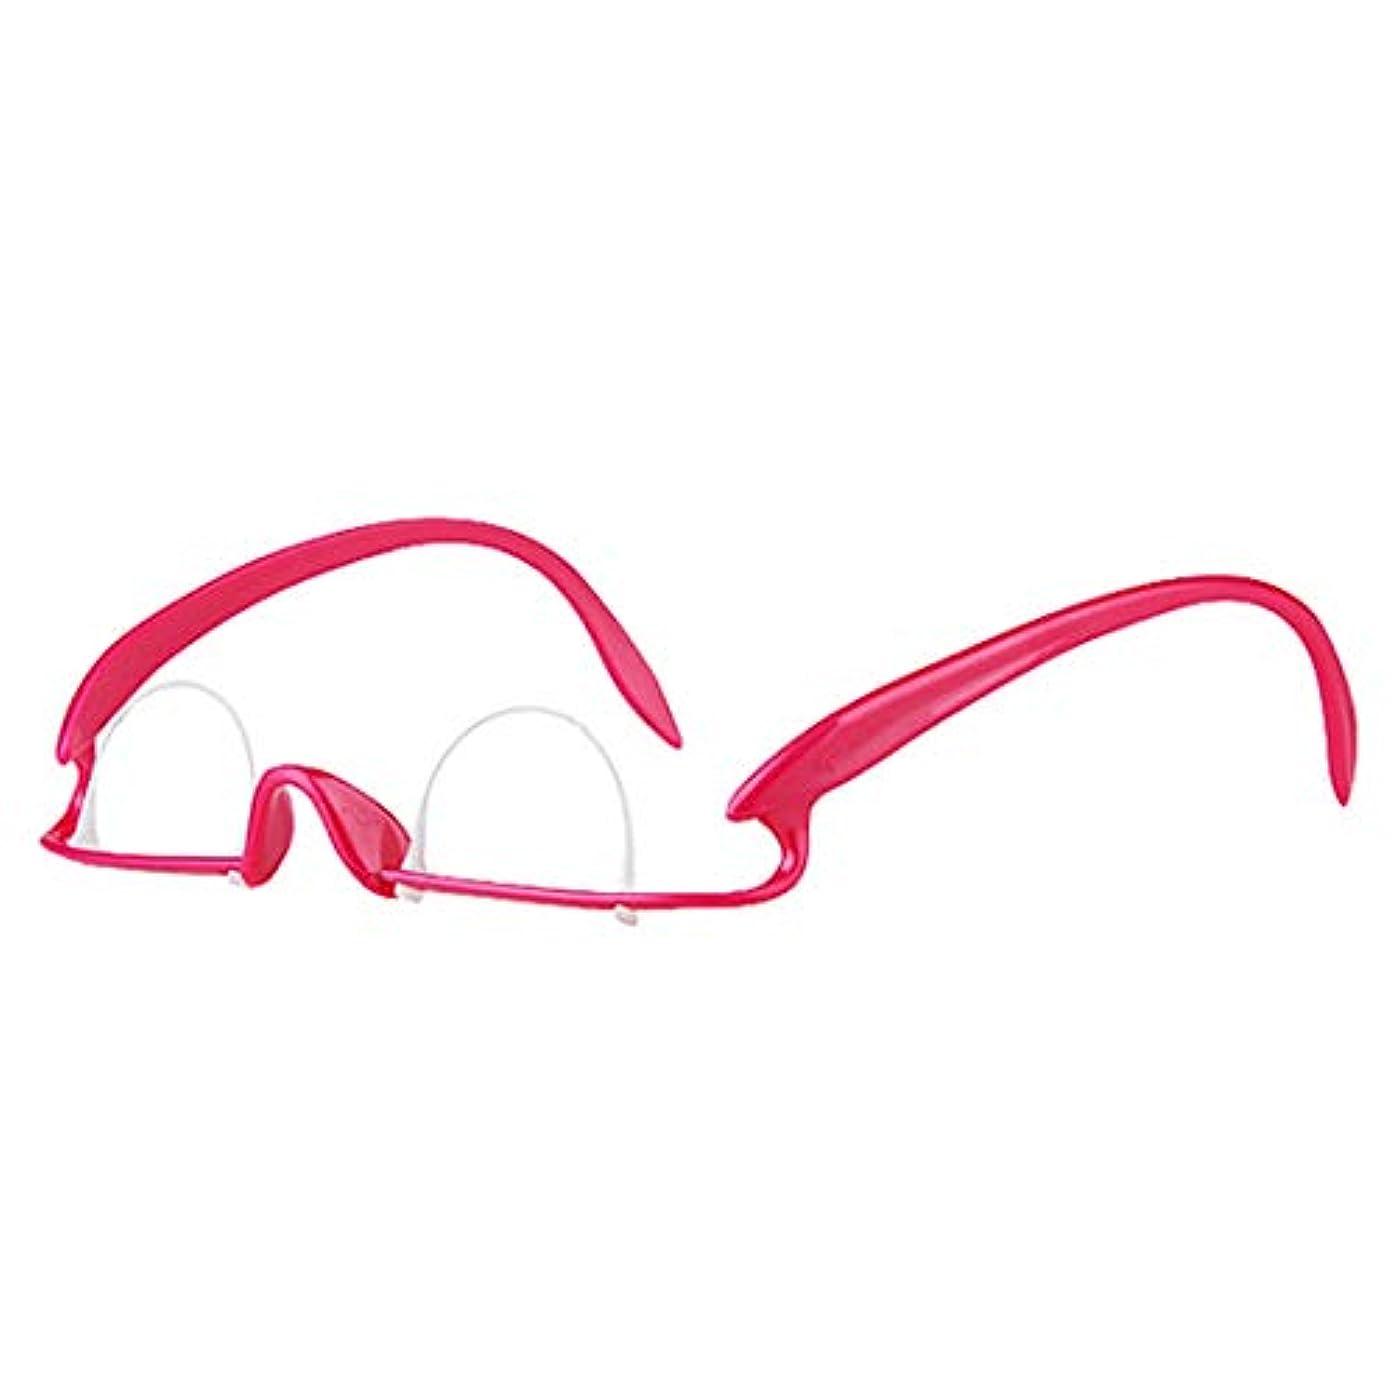 ごみ救援何十人も億騰 二重まぶた用メガネ 二重まぶた運動 二重まぶた形成 二重まぶた運動器 メガネトレーナー